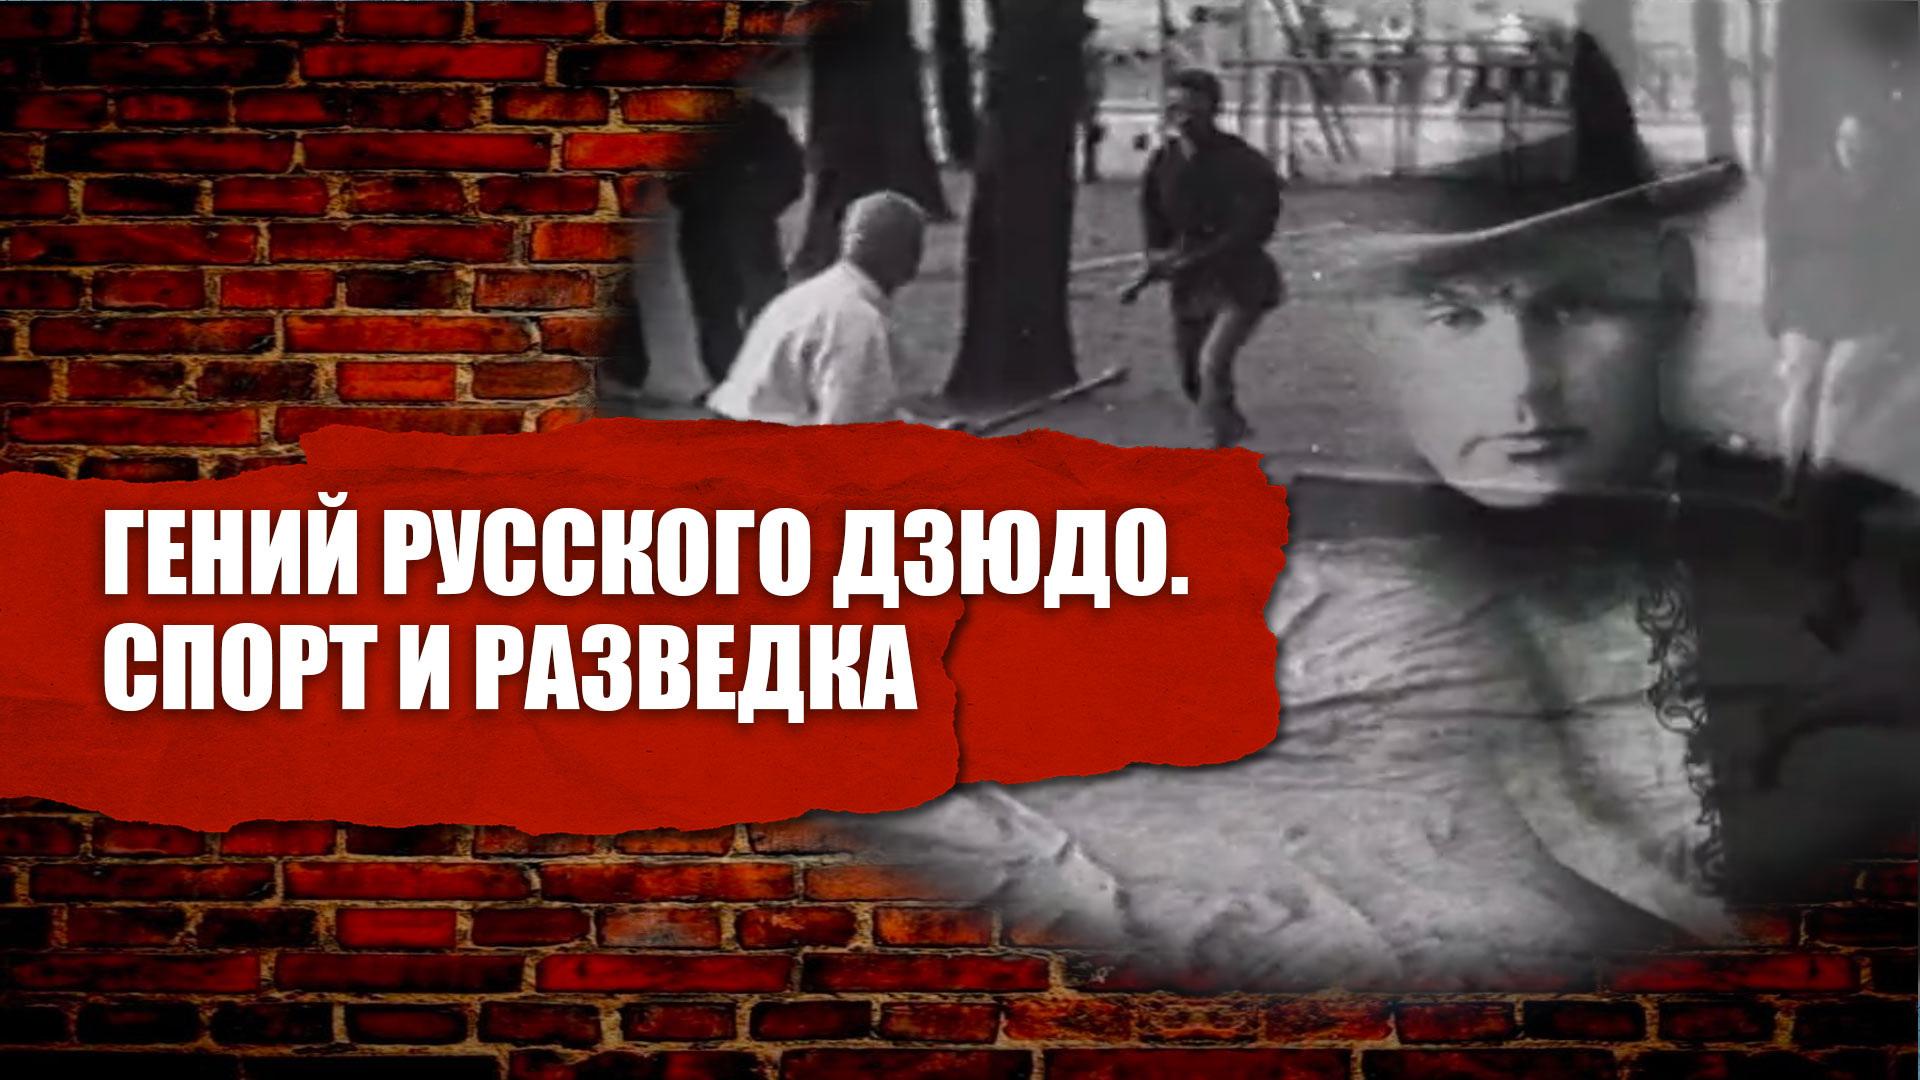 Гений русского дзюдо. Спорт и разведка